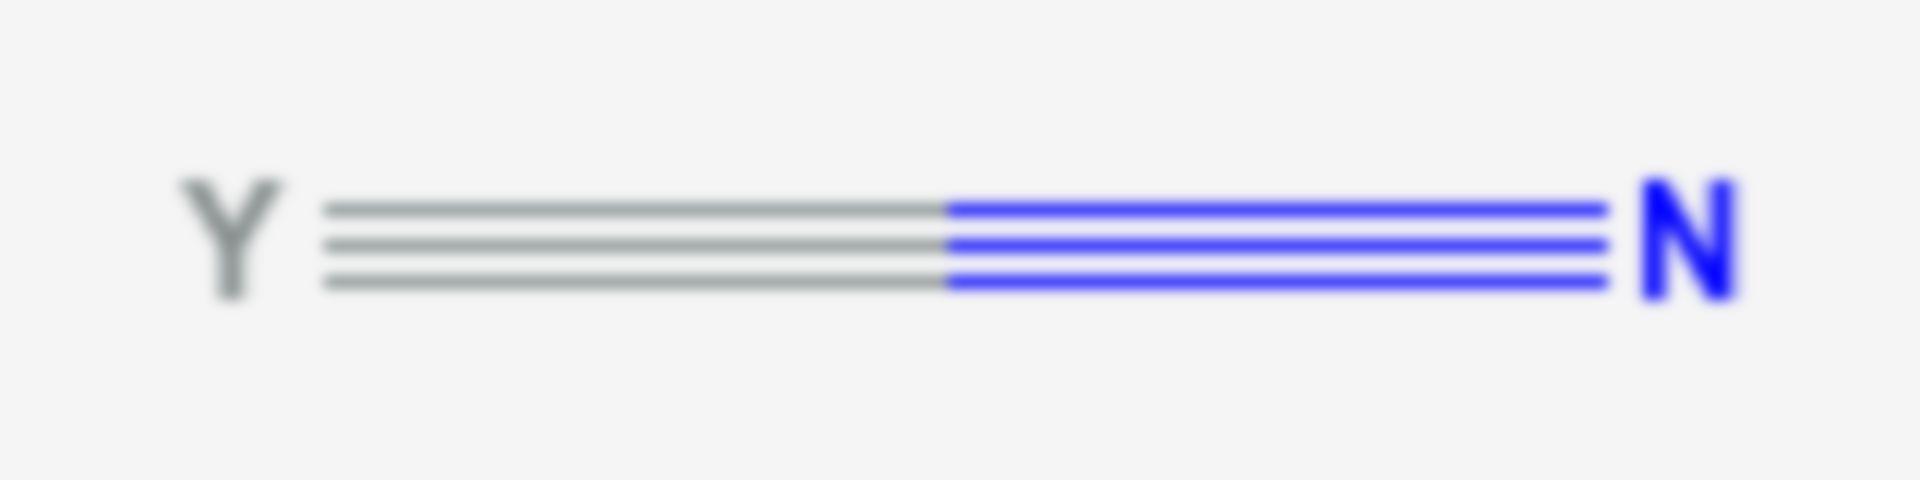 Yttriumnitrid (Strukturformel)